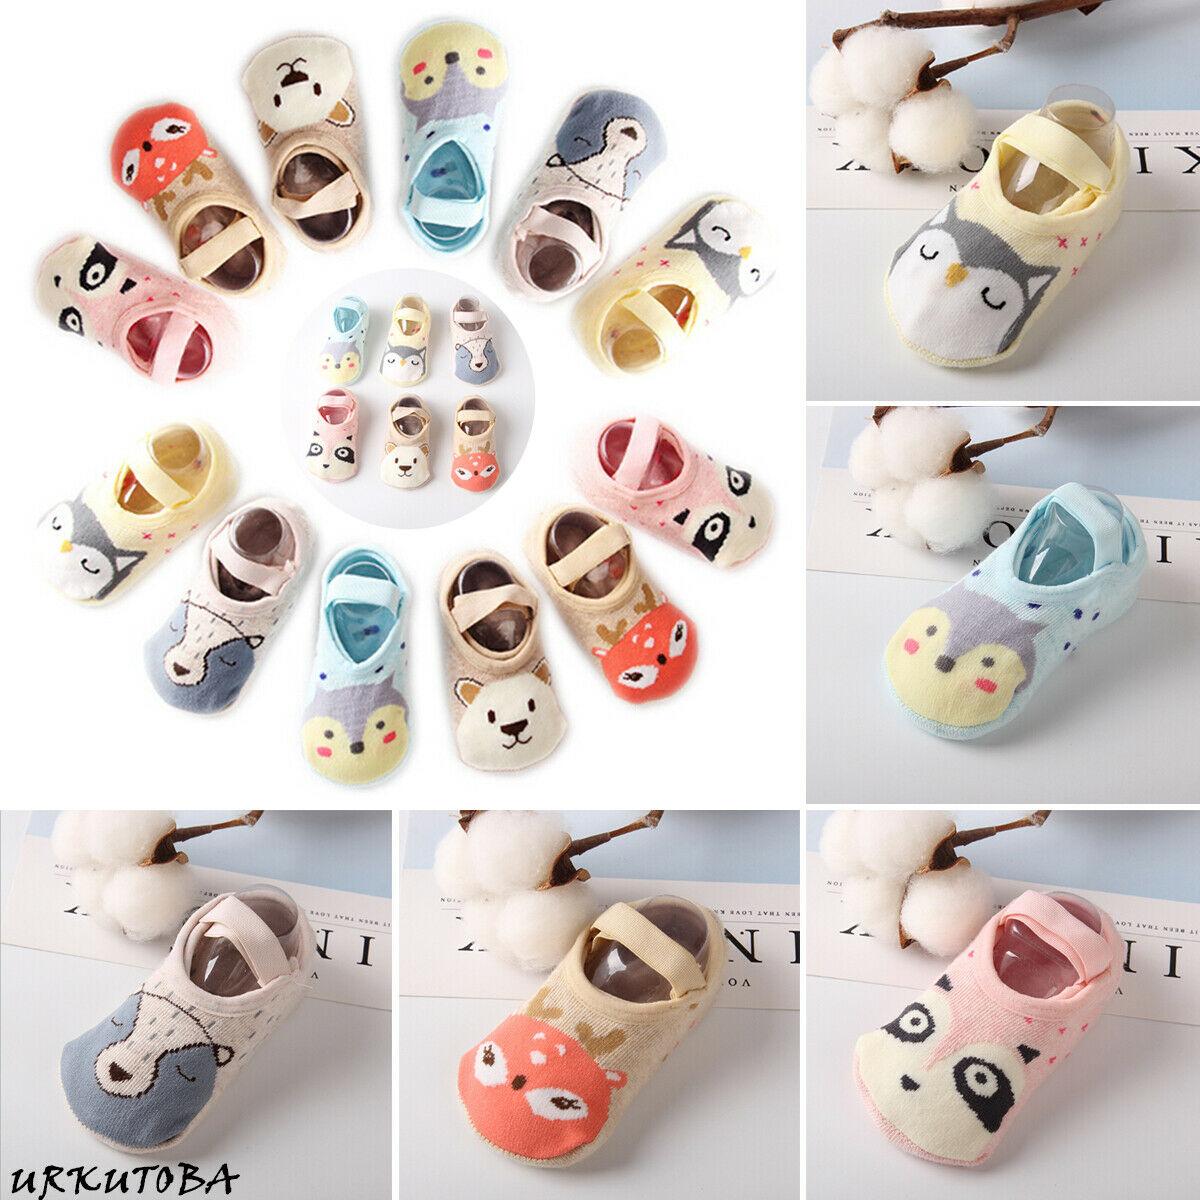 Stetig Mode Kleinkind Socke Schuh Weiche Baby Neuheit Nette Cartoon Non-skid Slipper Anti-slip Infant Mädchen/junge Baumwolle Infant Boot Socken Um 50 Prozent Reduziert